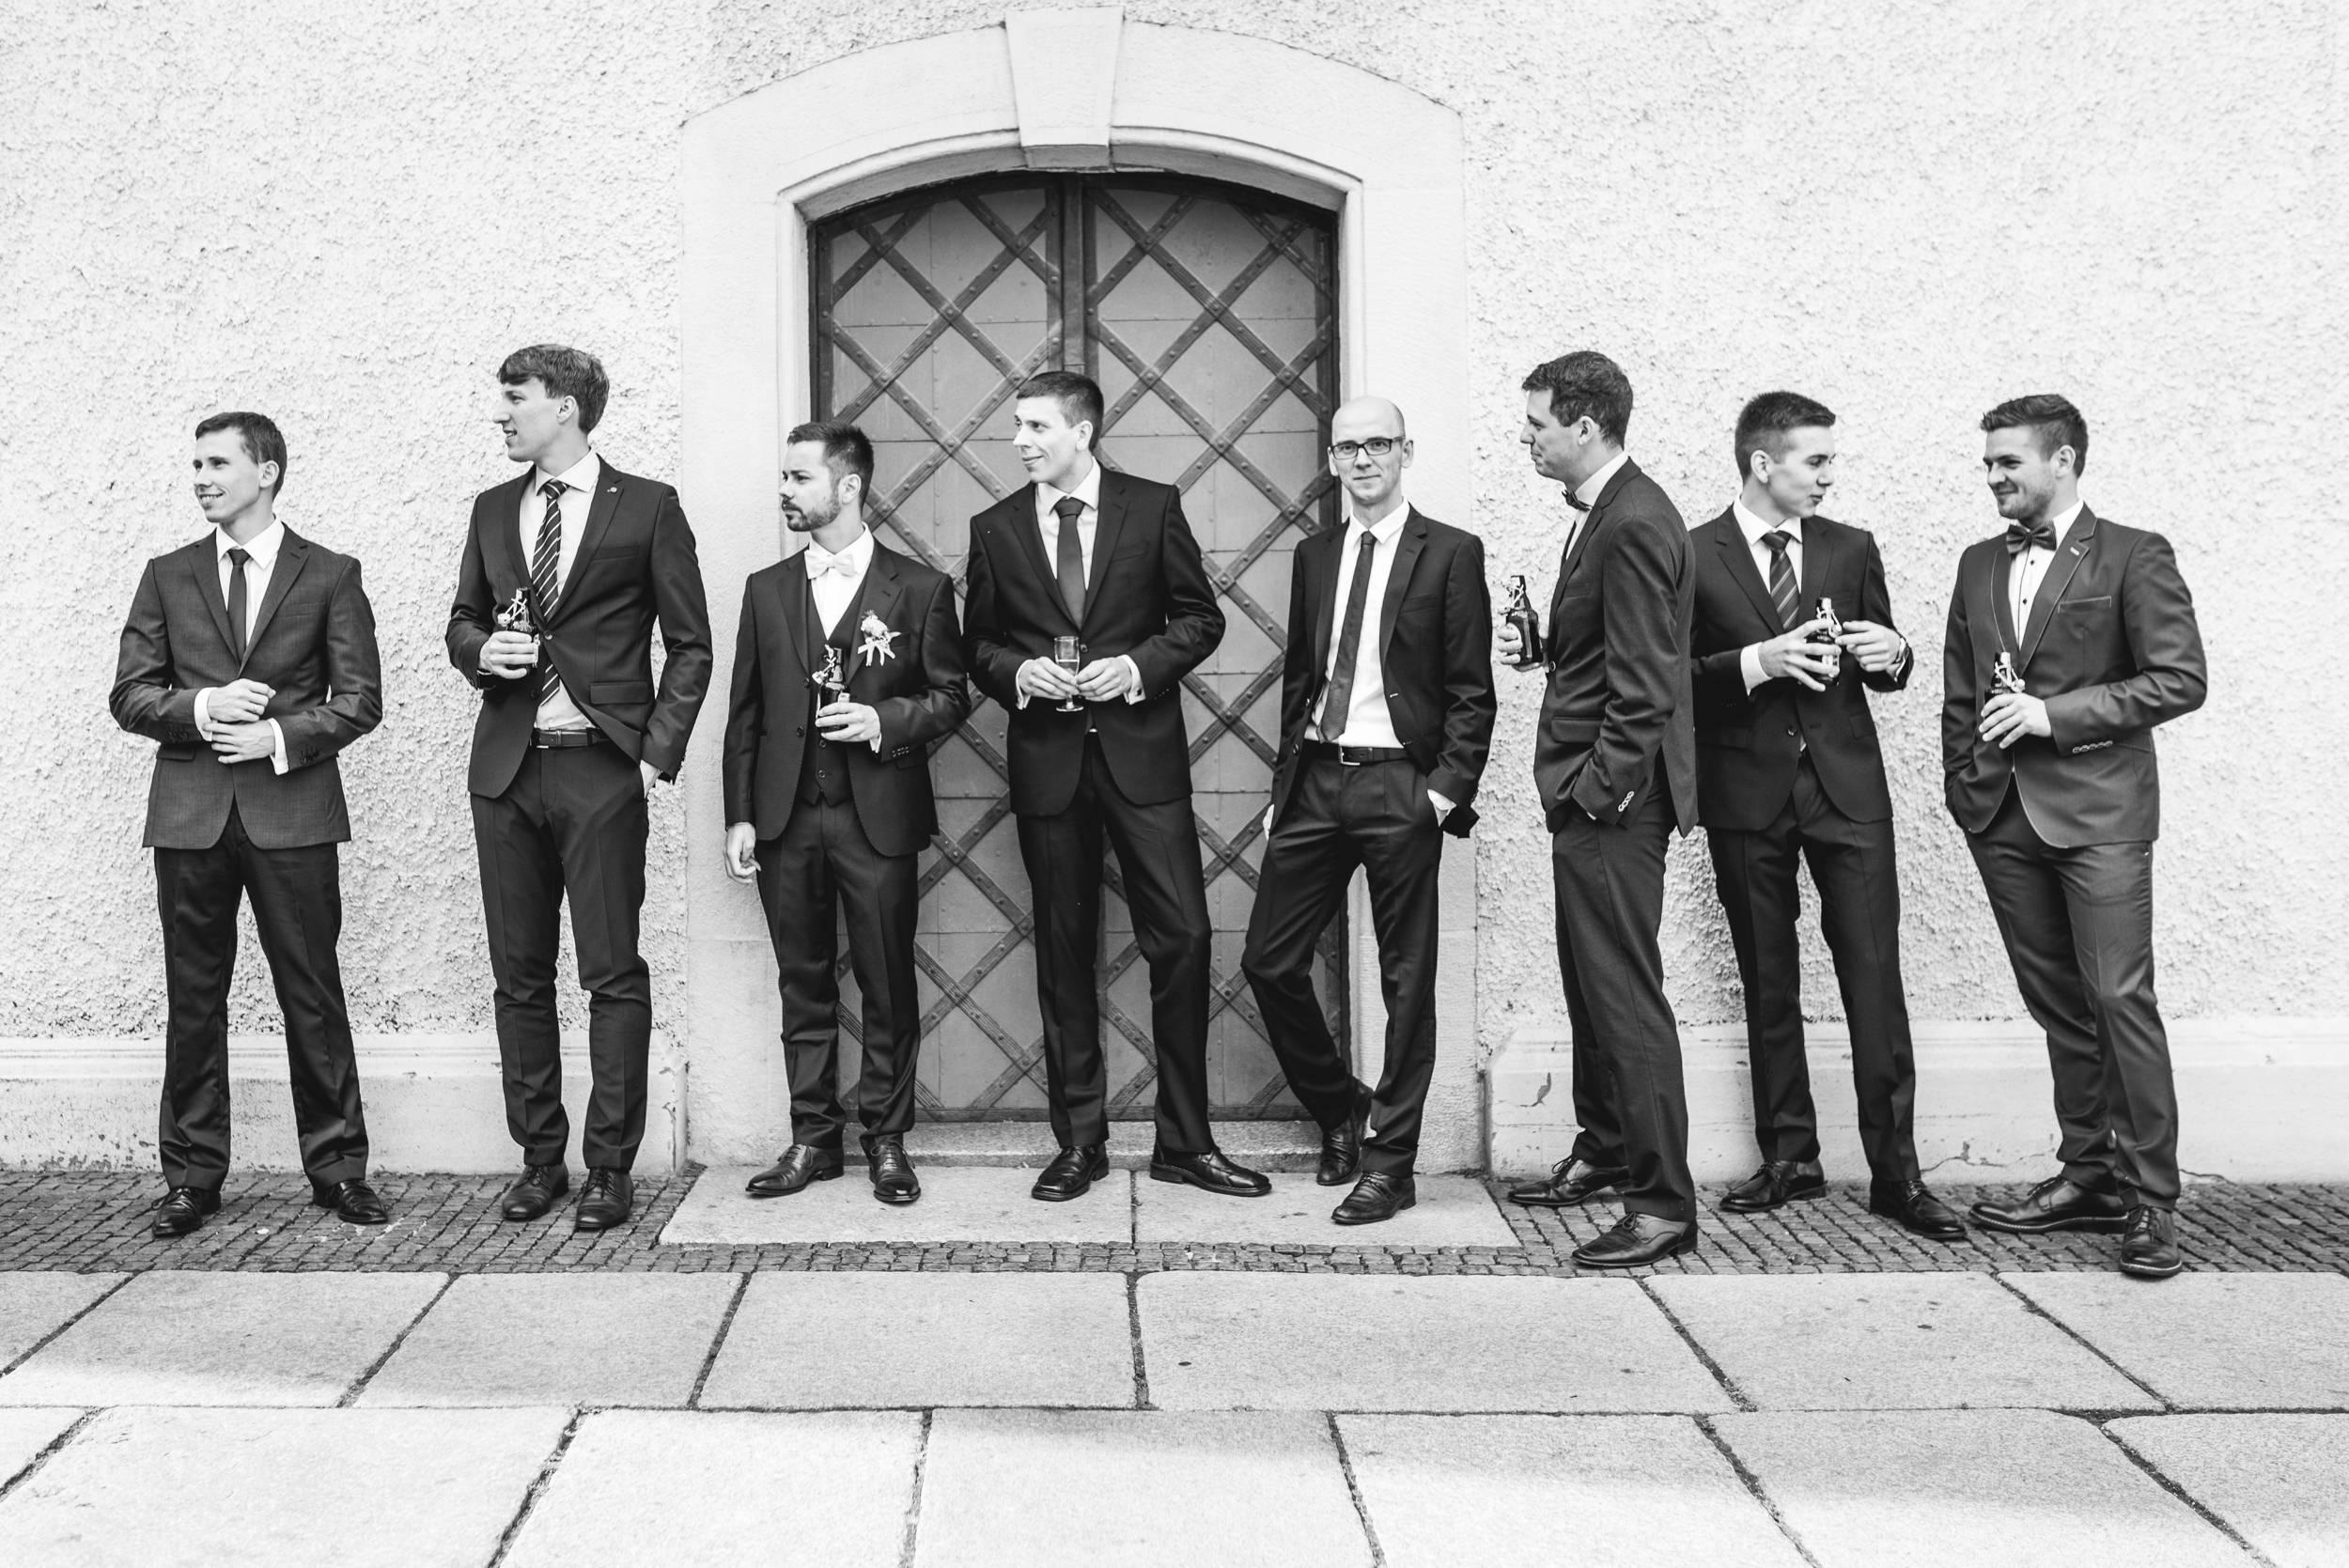 Paul_Glaser_Hochzeitsfotograf-39